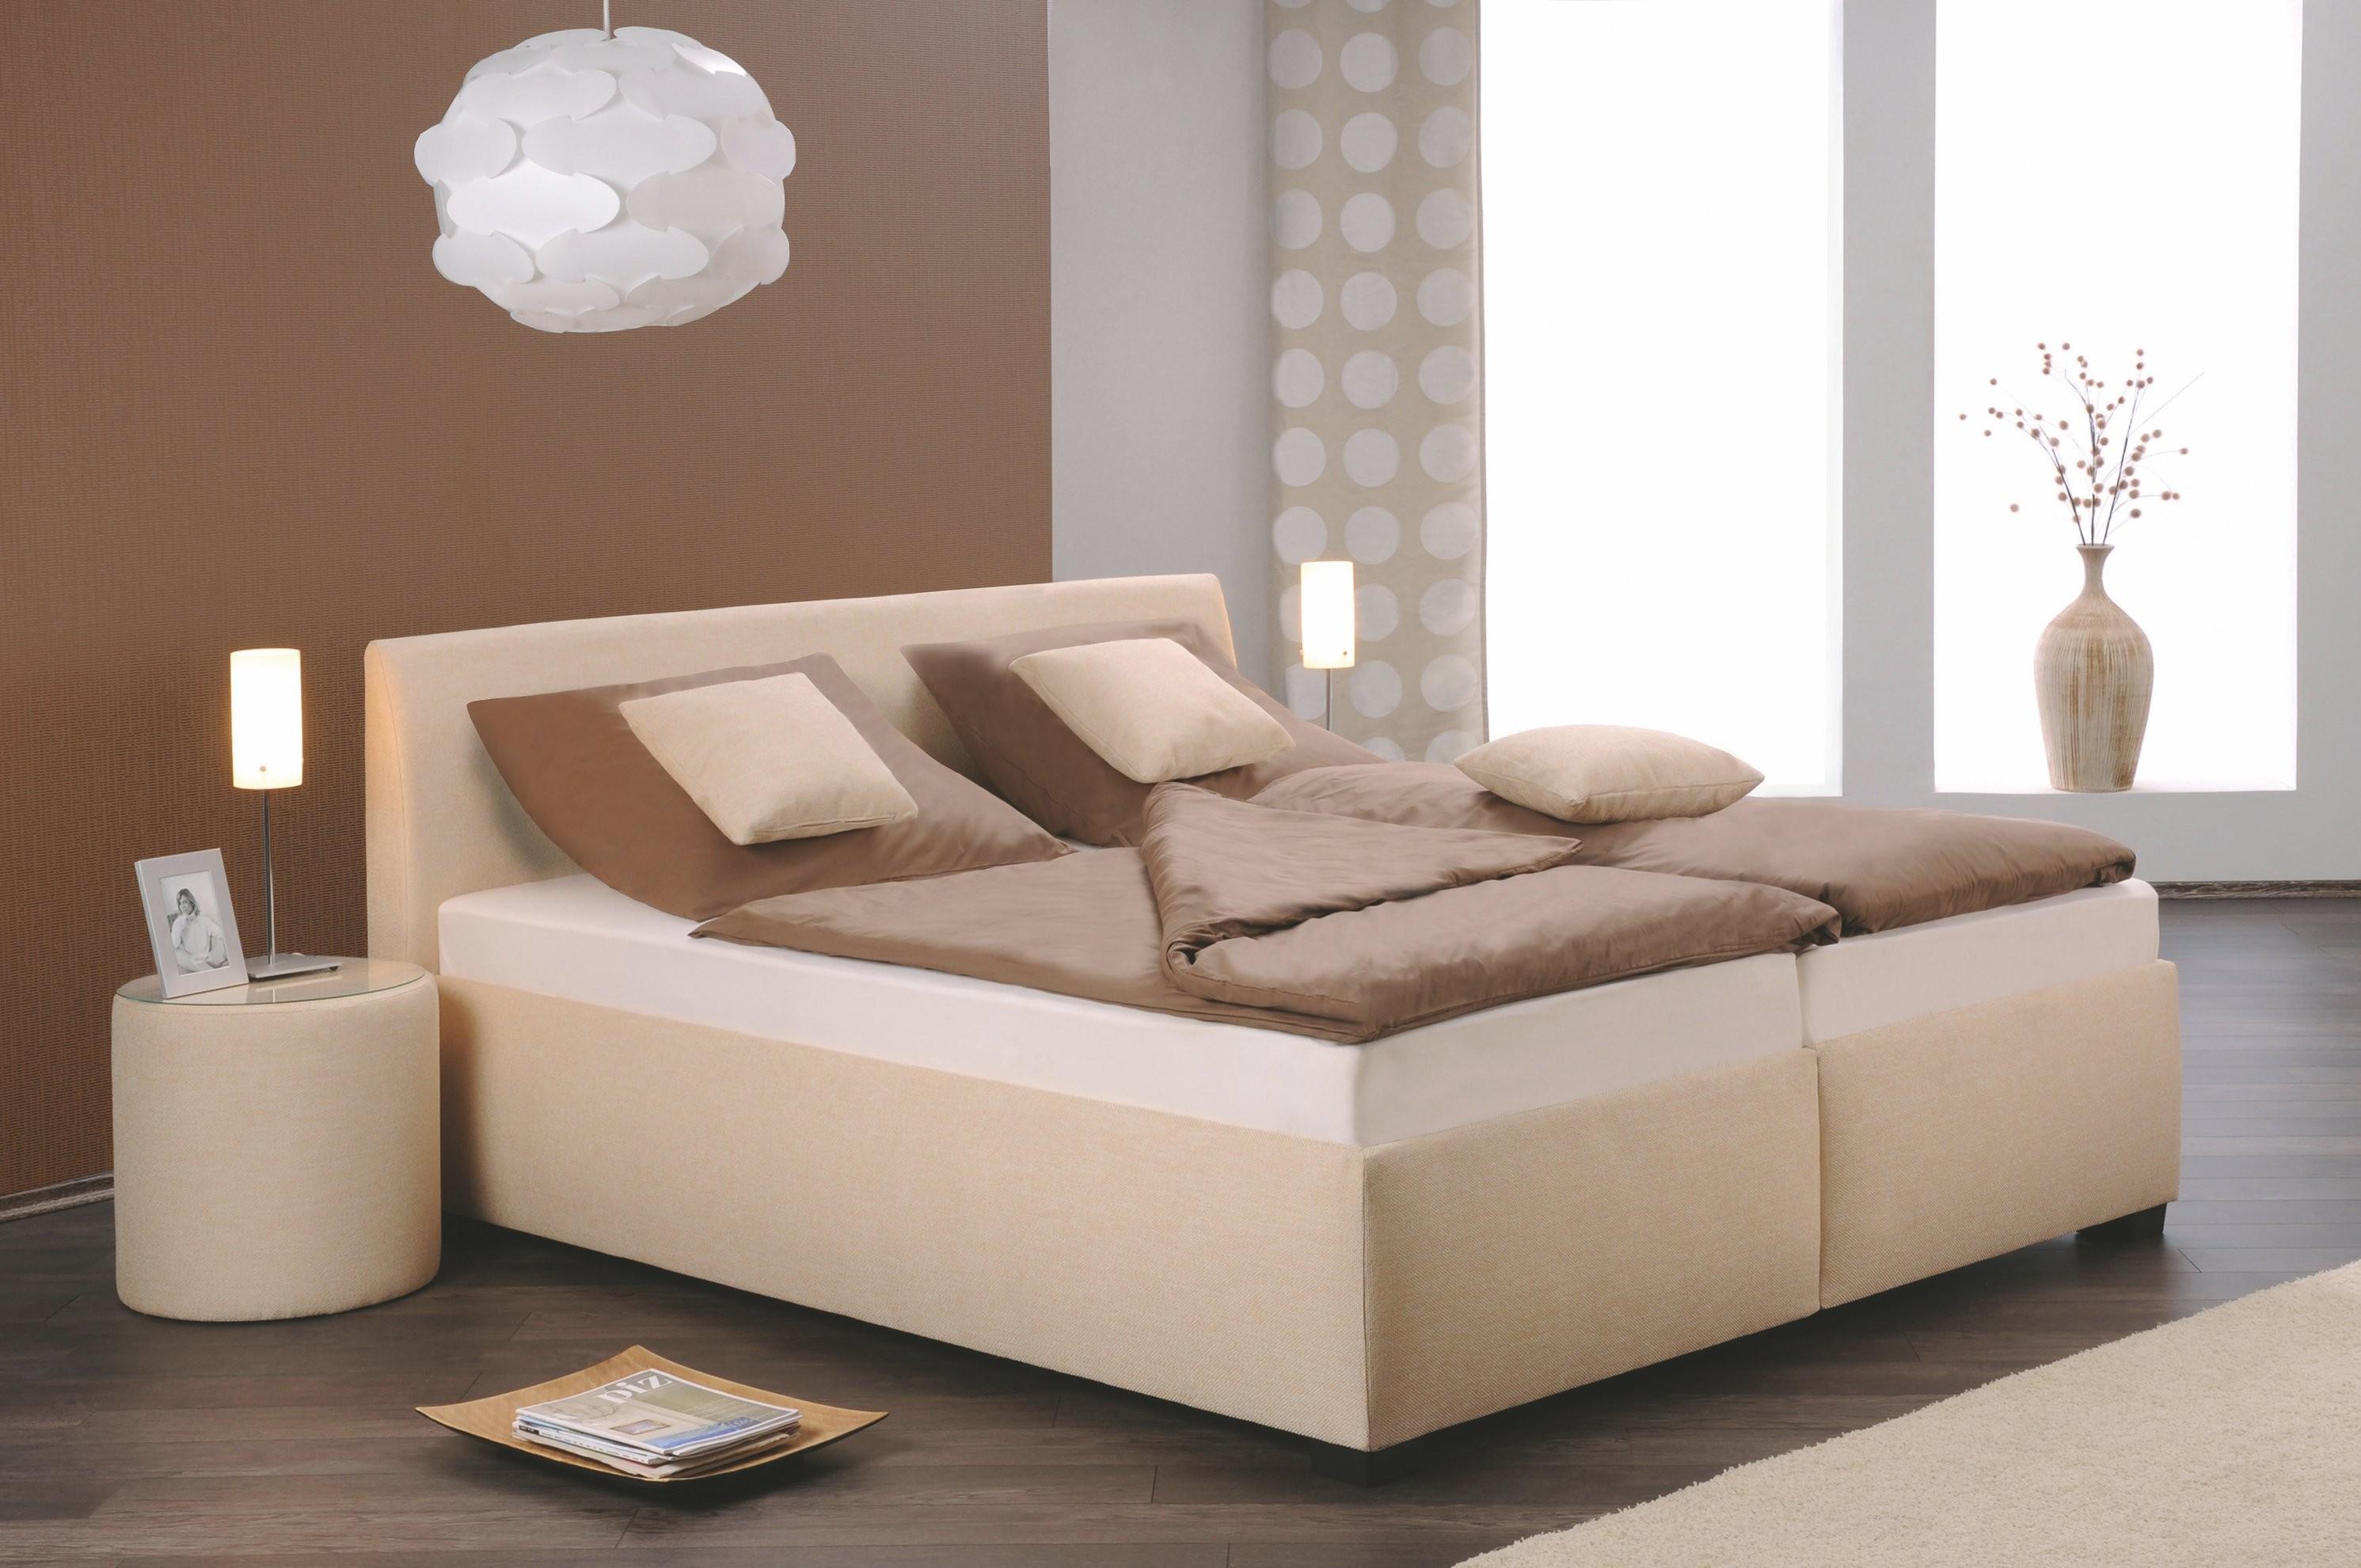 Polsterbett 140 X 200 Cm Beige Oschmann Monte Carlo Polyester Modern von Polsterbett 140X200 Beige Photo